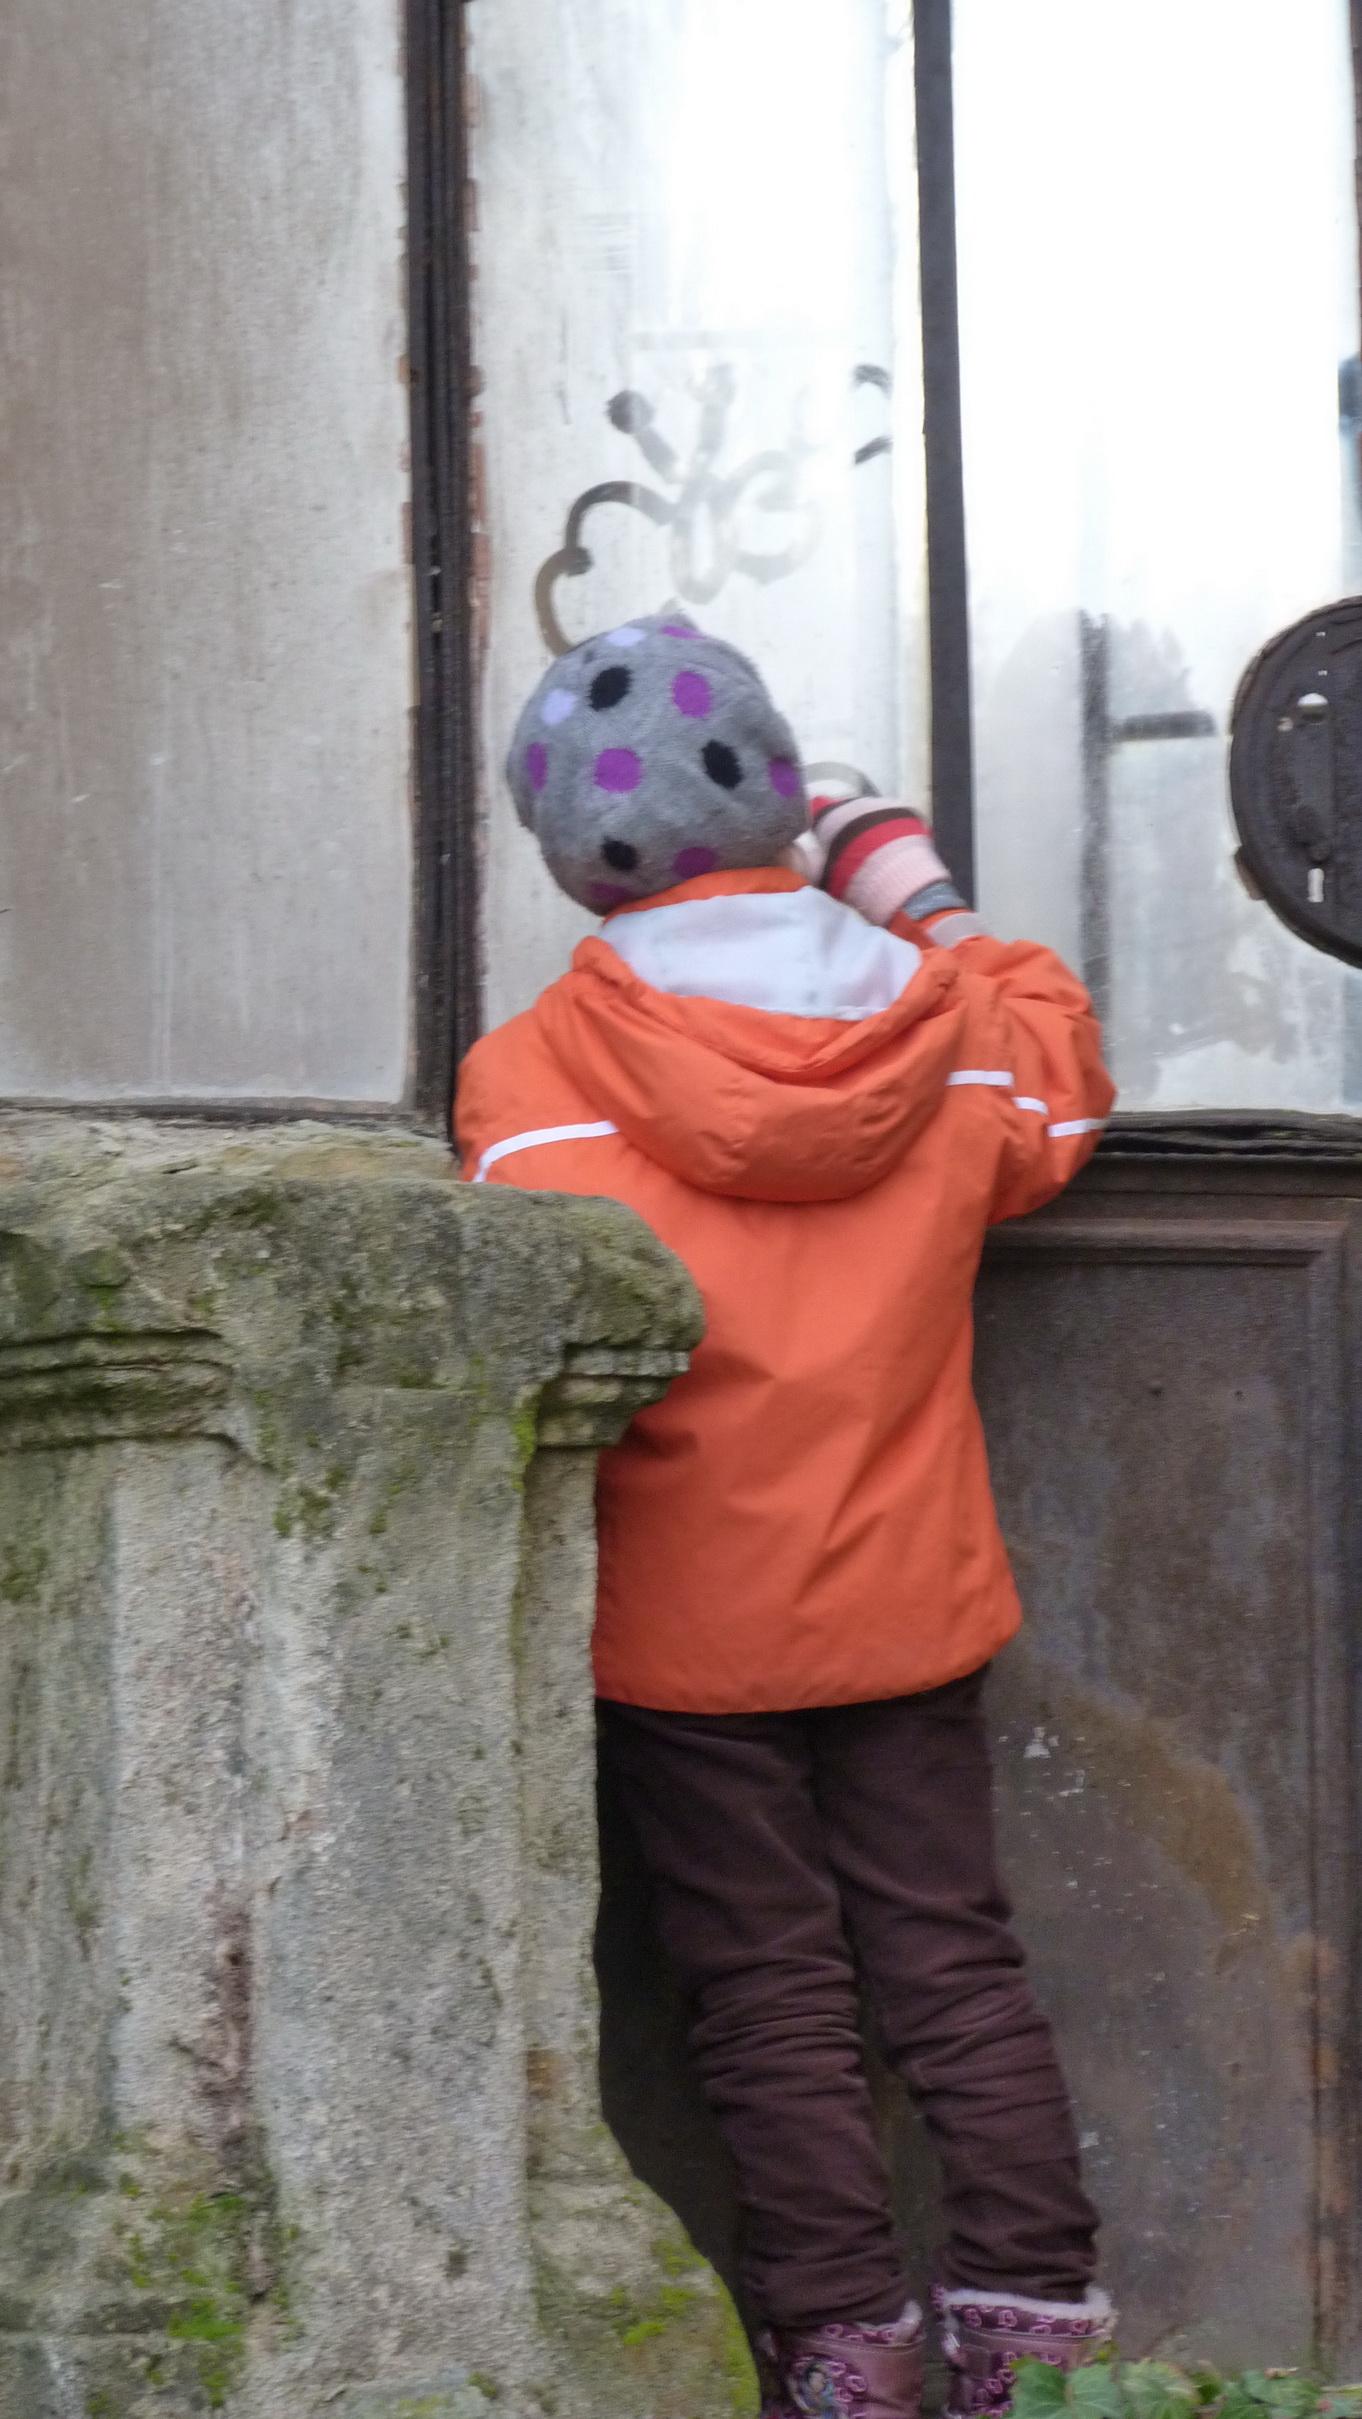 Ezen a fotón is látszik, hogy a kastélyban hidegebb, volt mint kint. Az ablak kívülről párás :-)